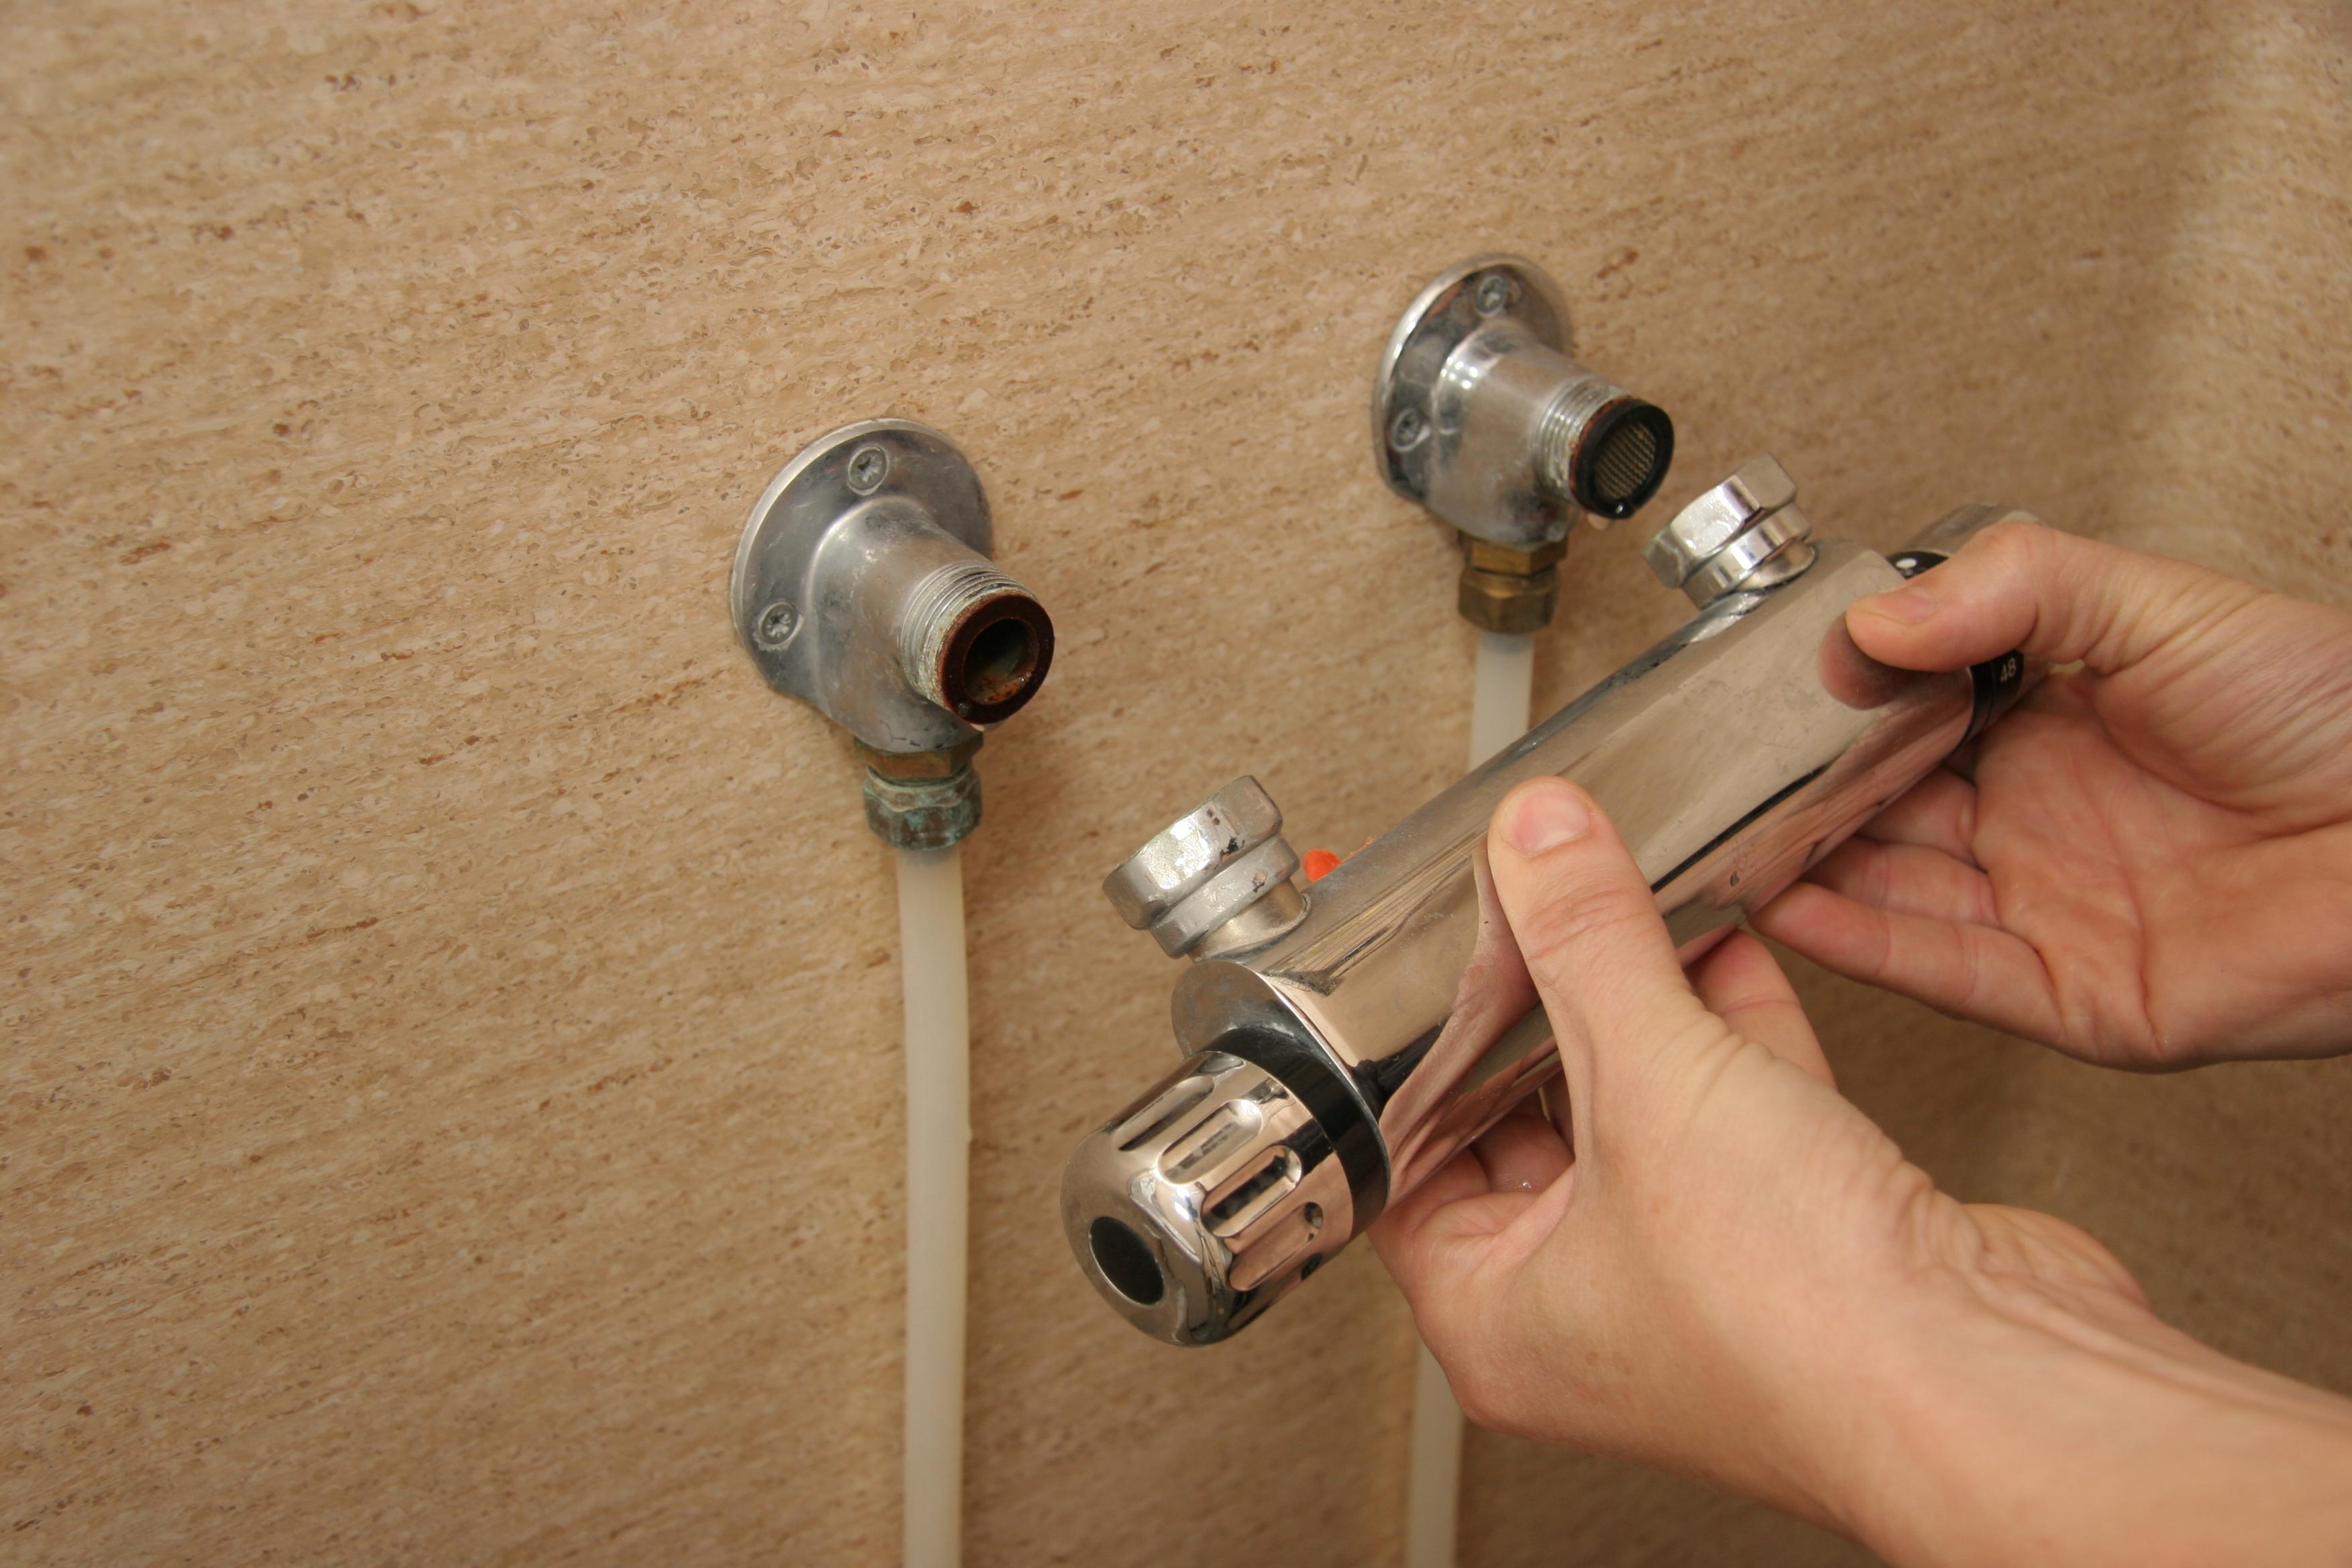 bruser blandingsbatteri Skift blandingsbatteriet på badeværelset | Udskiftning af  bruser blandingsbatteri